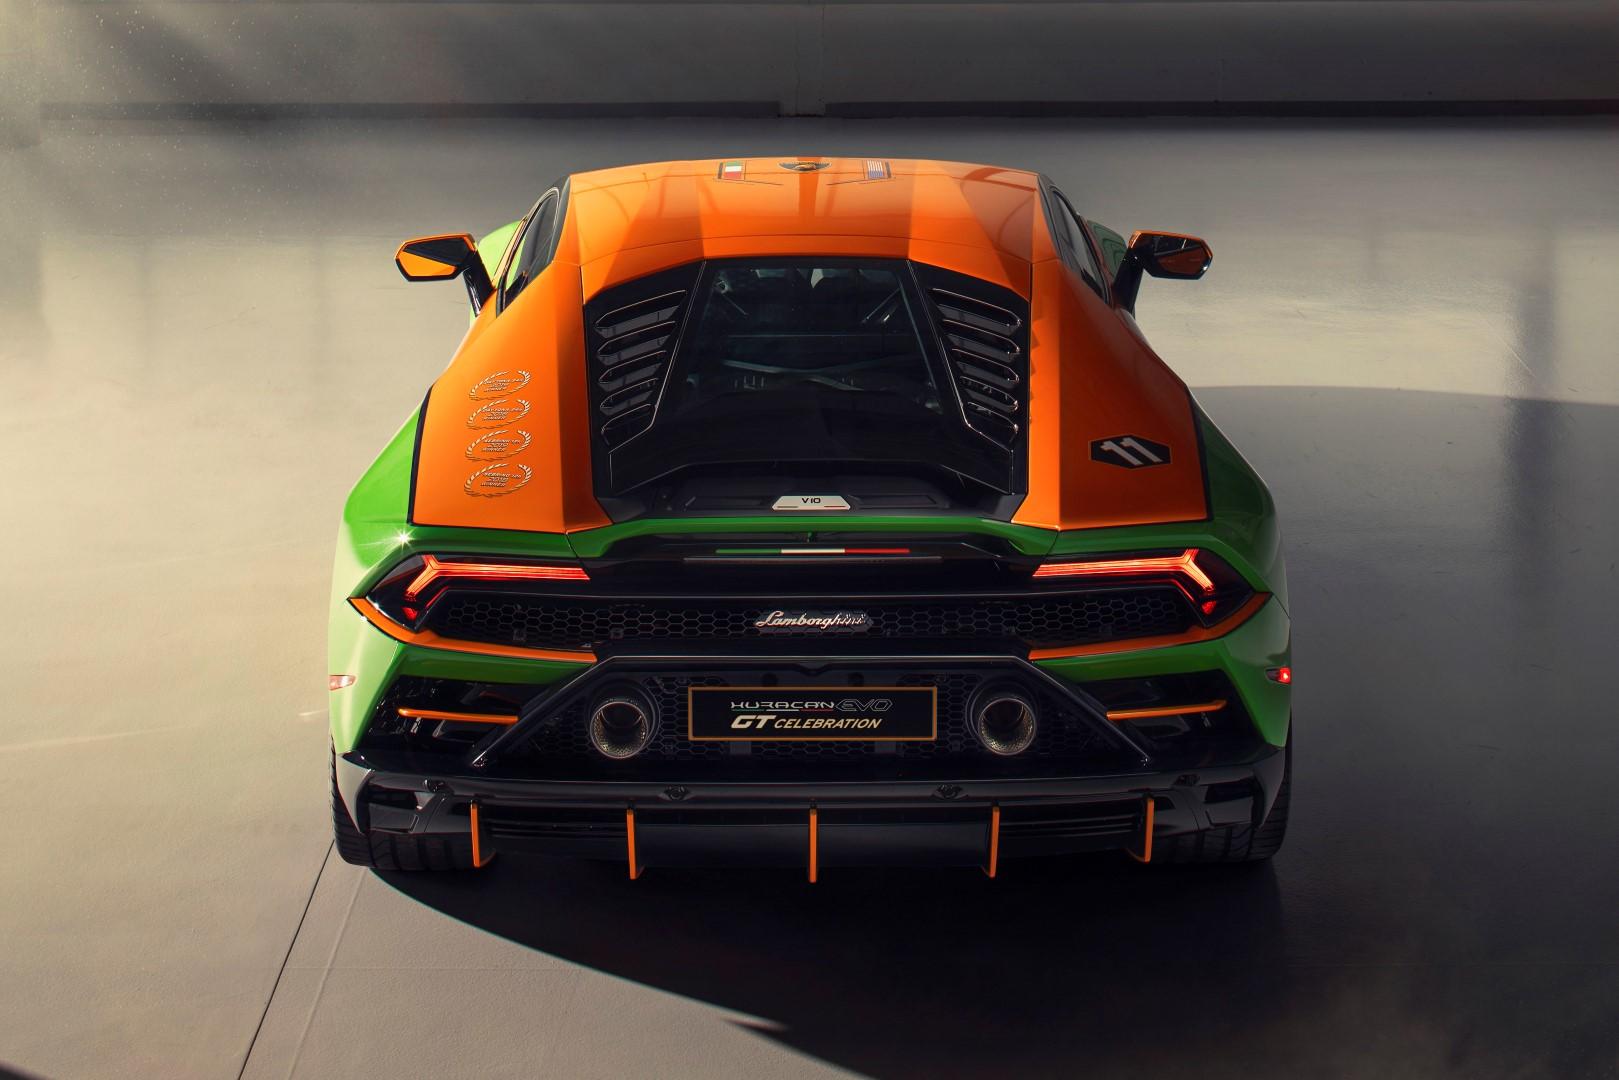 Lamborghini Huracán EVO GT Celebration - 02